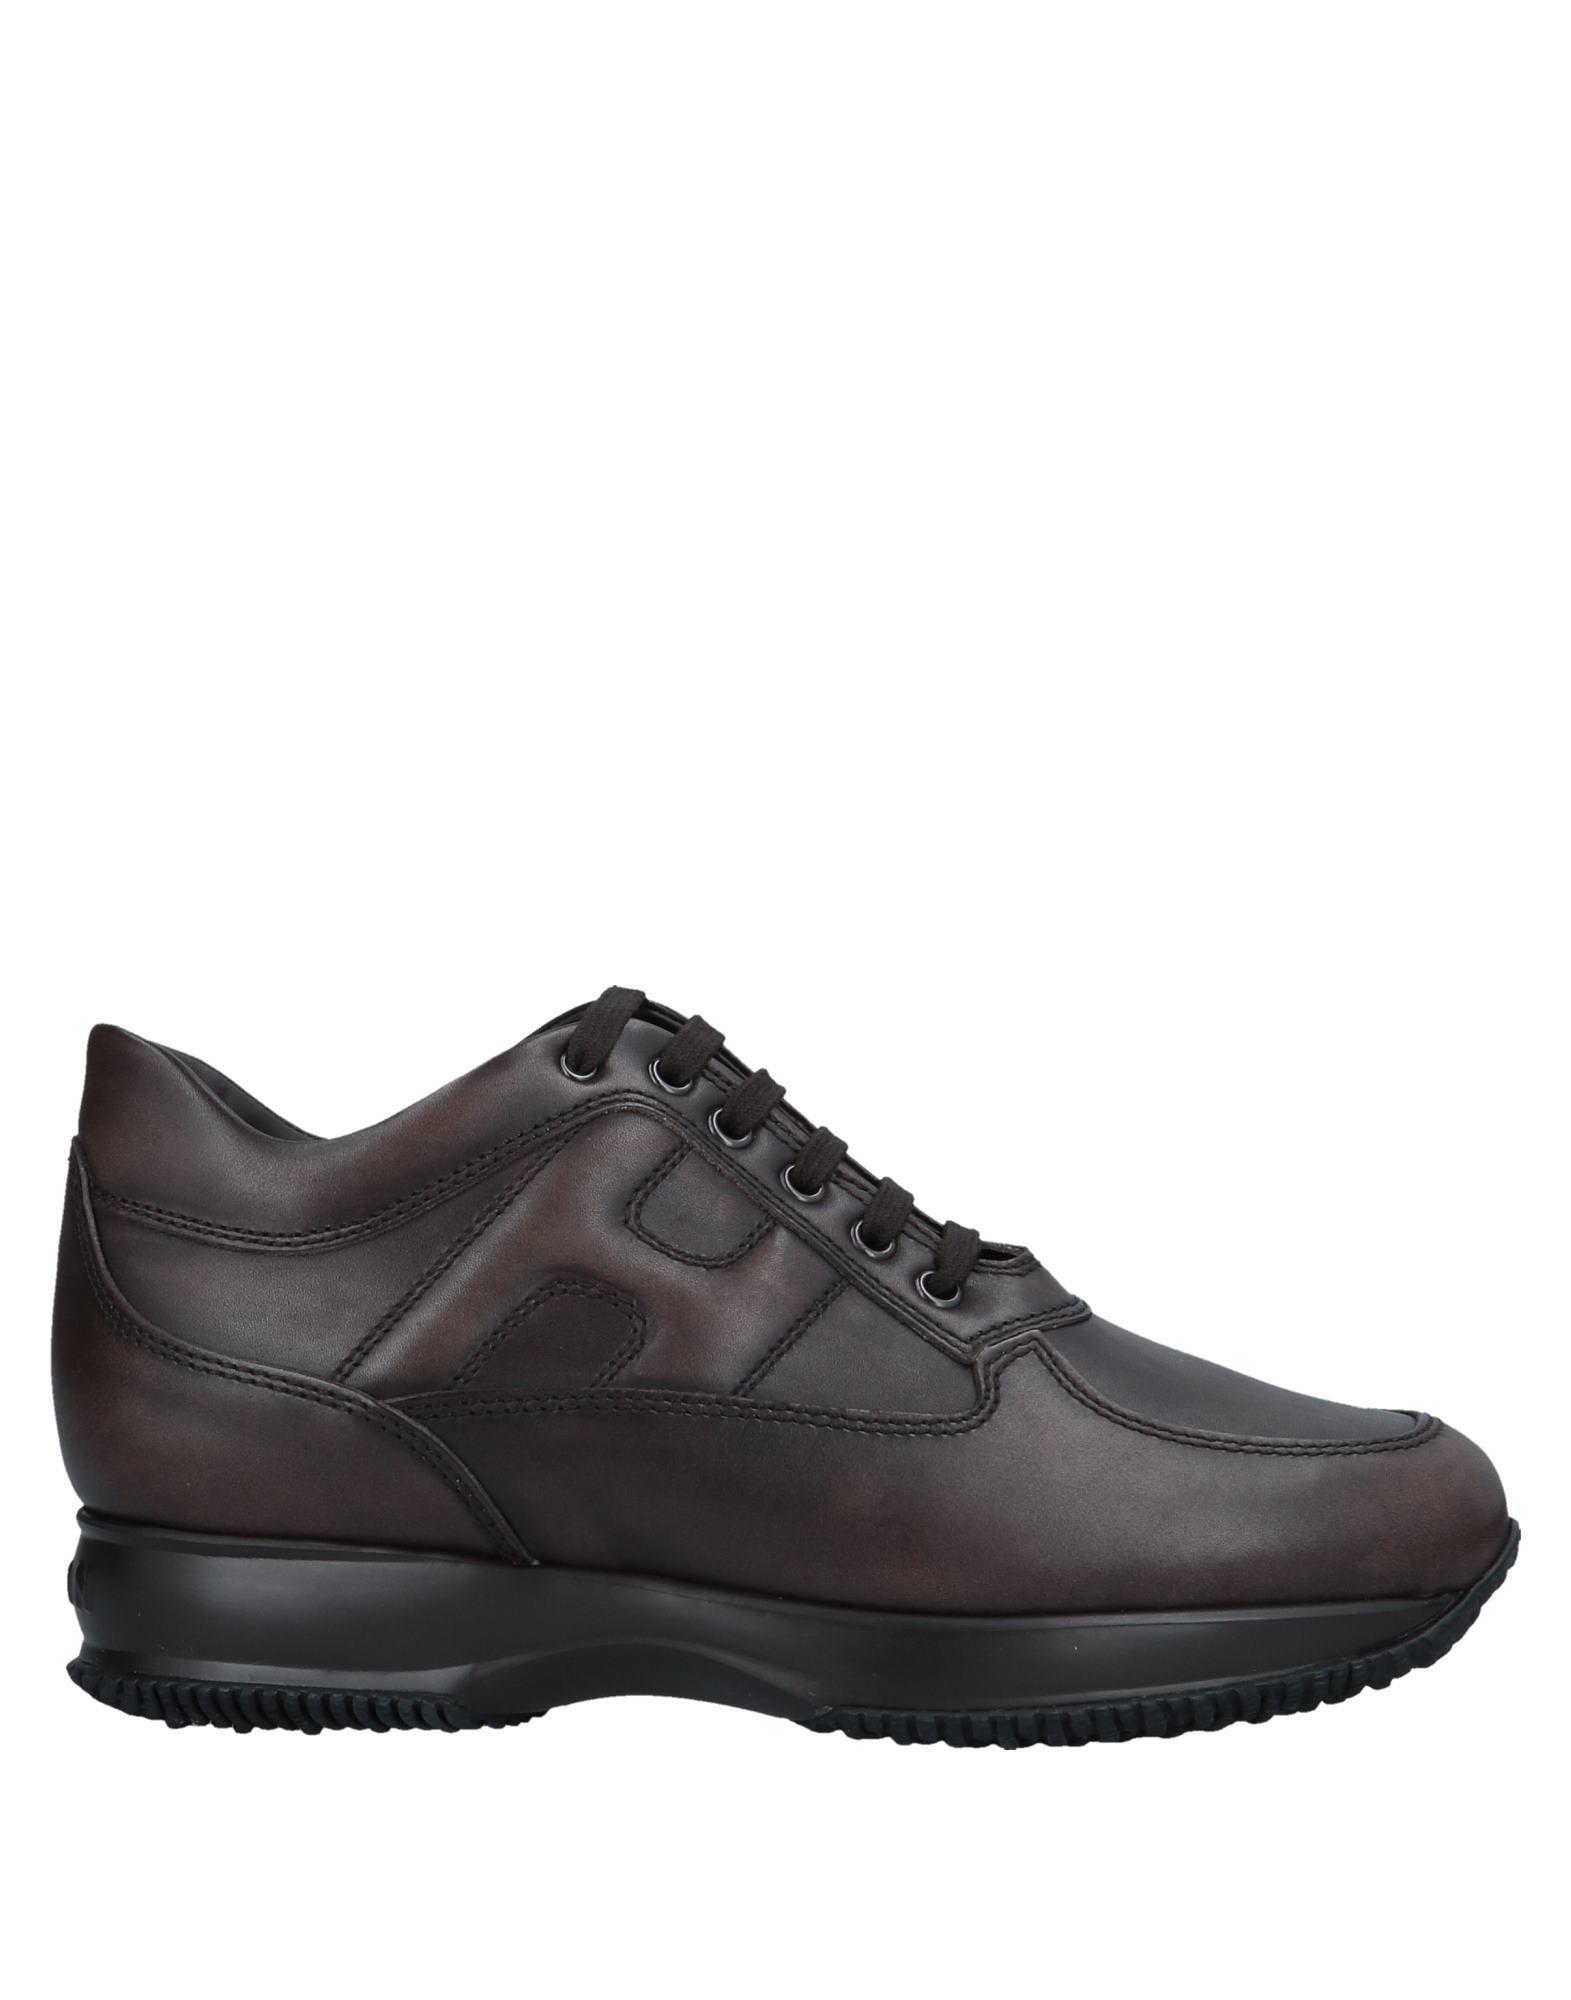 Sneakers Hogan Homme - Sneakers Hogan  Moka Réduction de prix saisonnier, remise